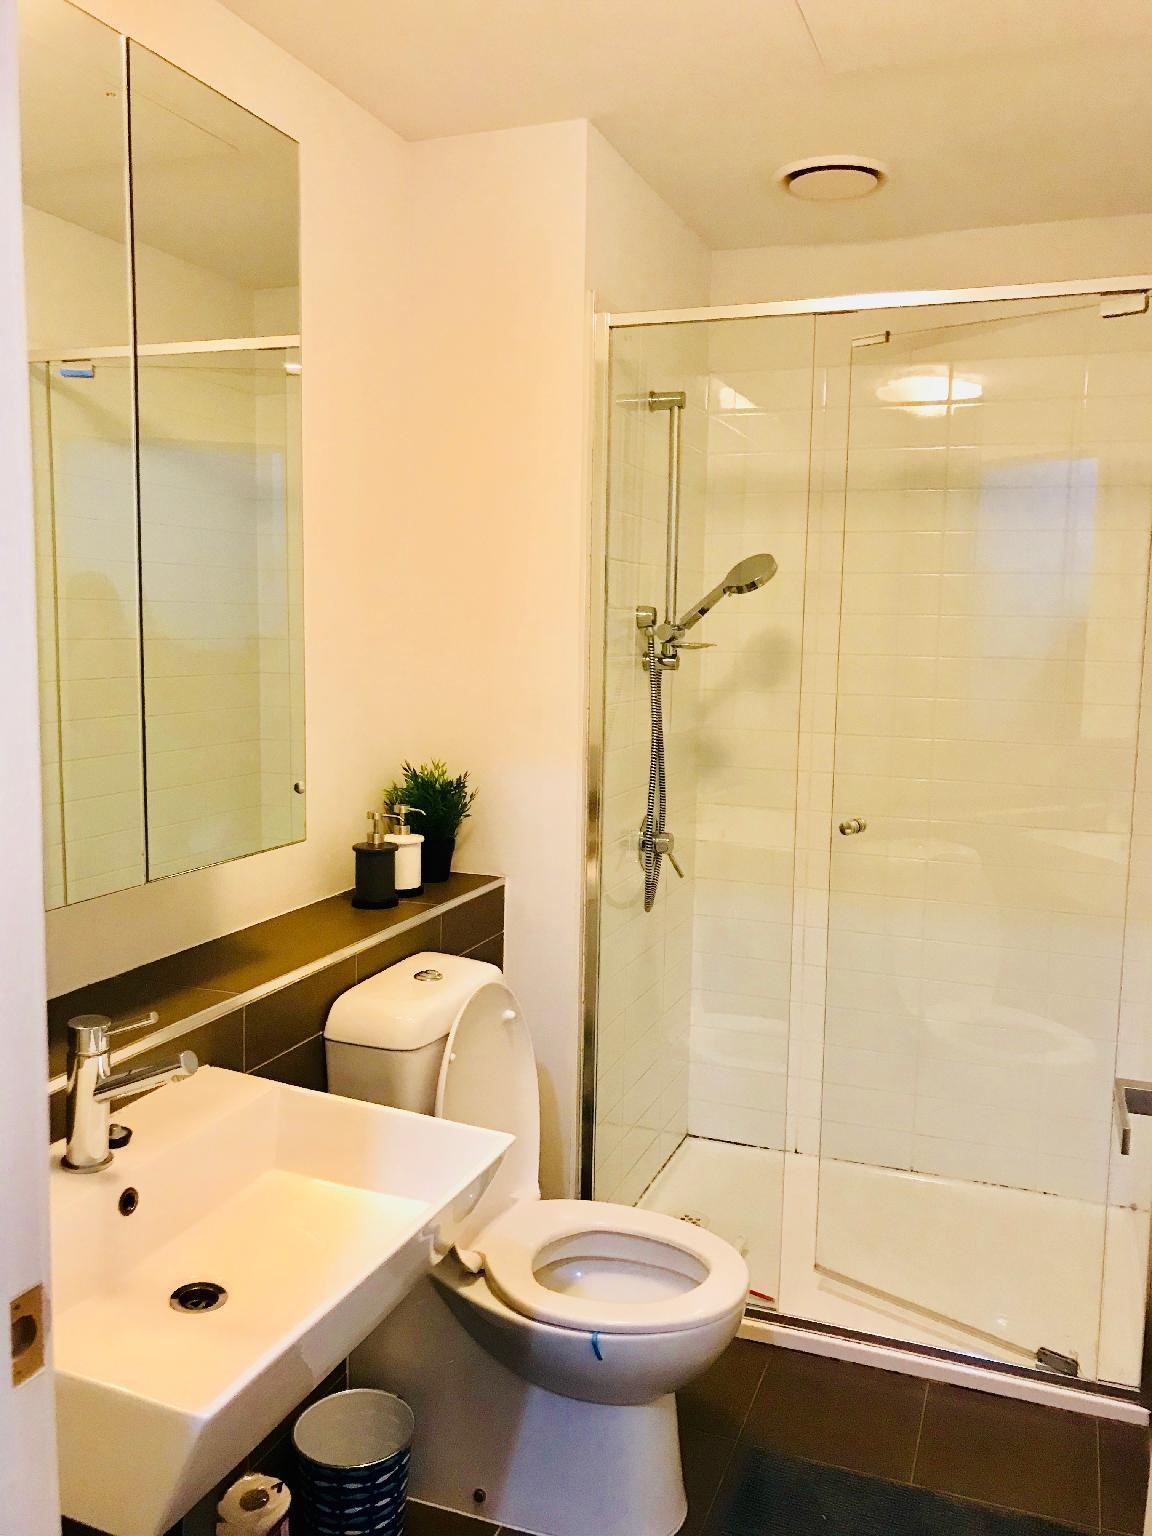 AUSP32 C CBD Private Room Cozy Apt Free Tram Zone